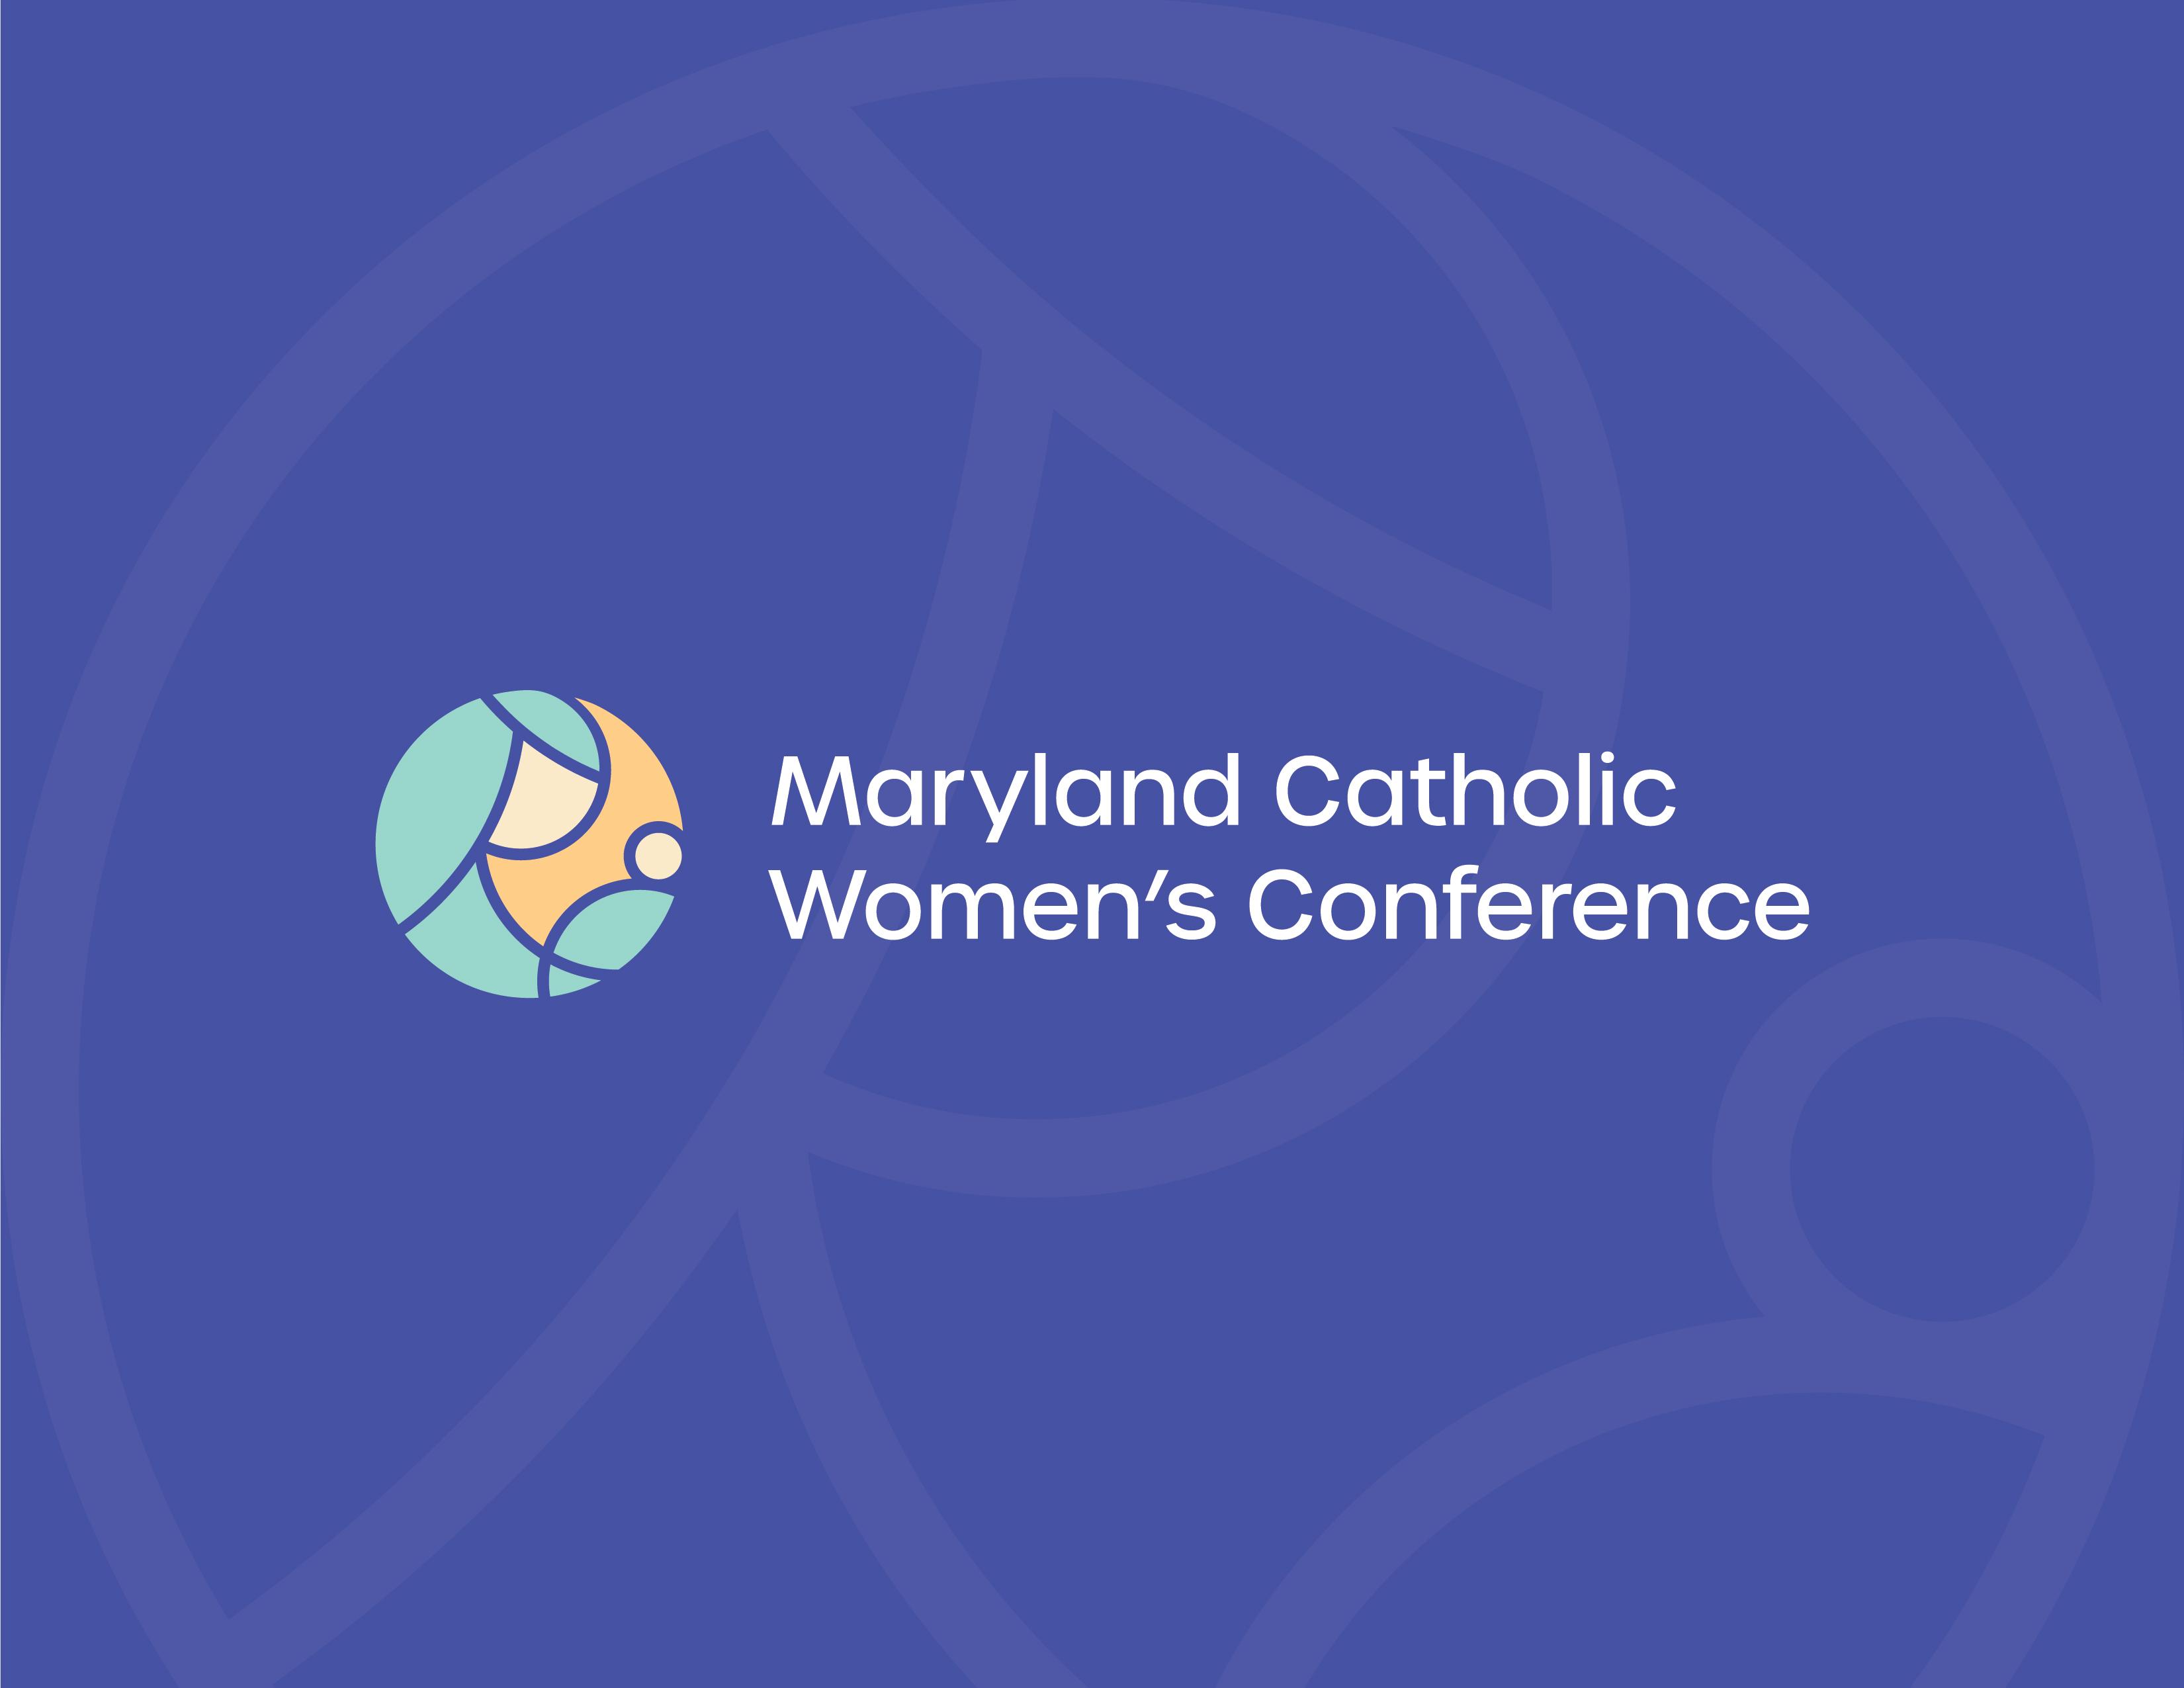 Maryland Catholic Women's Conference